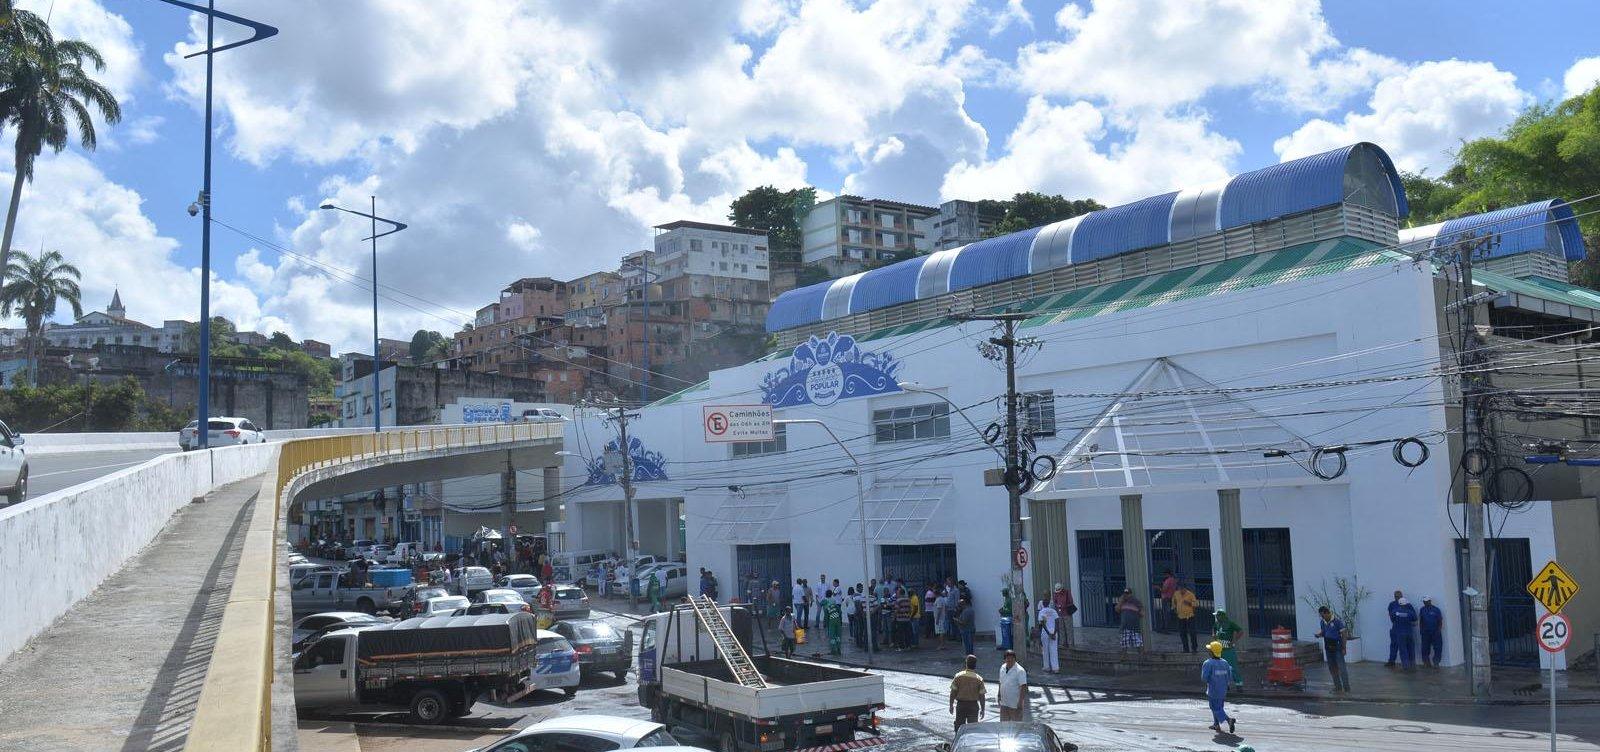 Após aglomeração, Semop tenta tirar ambulantes da frente do Mercado do Peixe, em Salvador